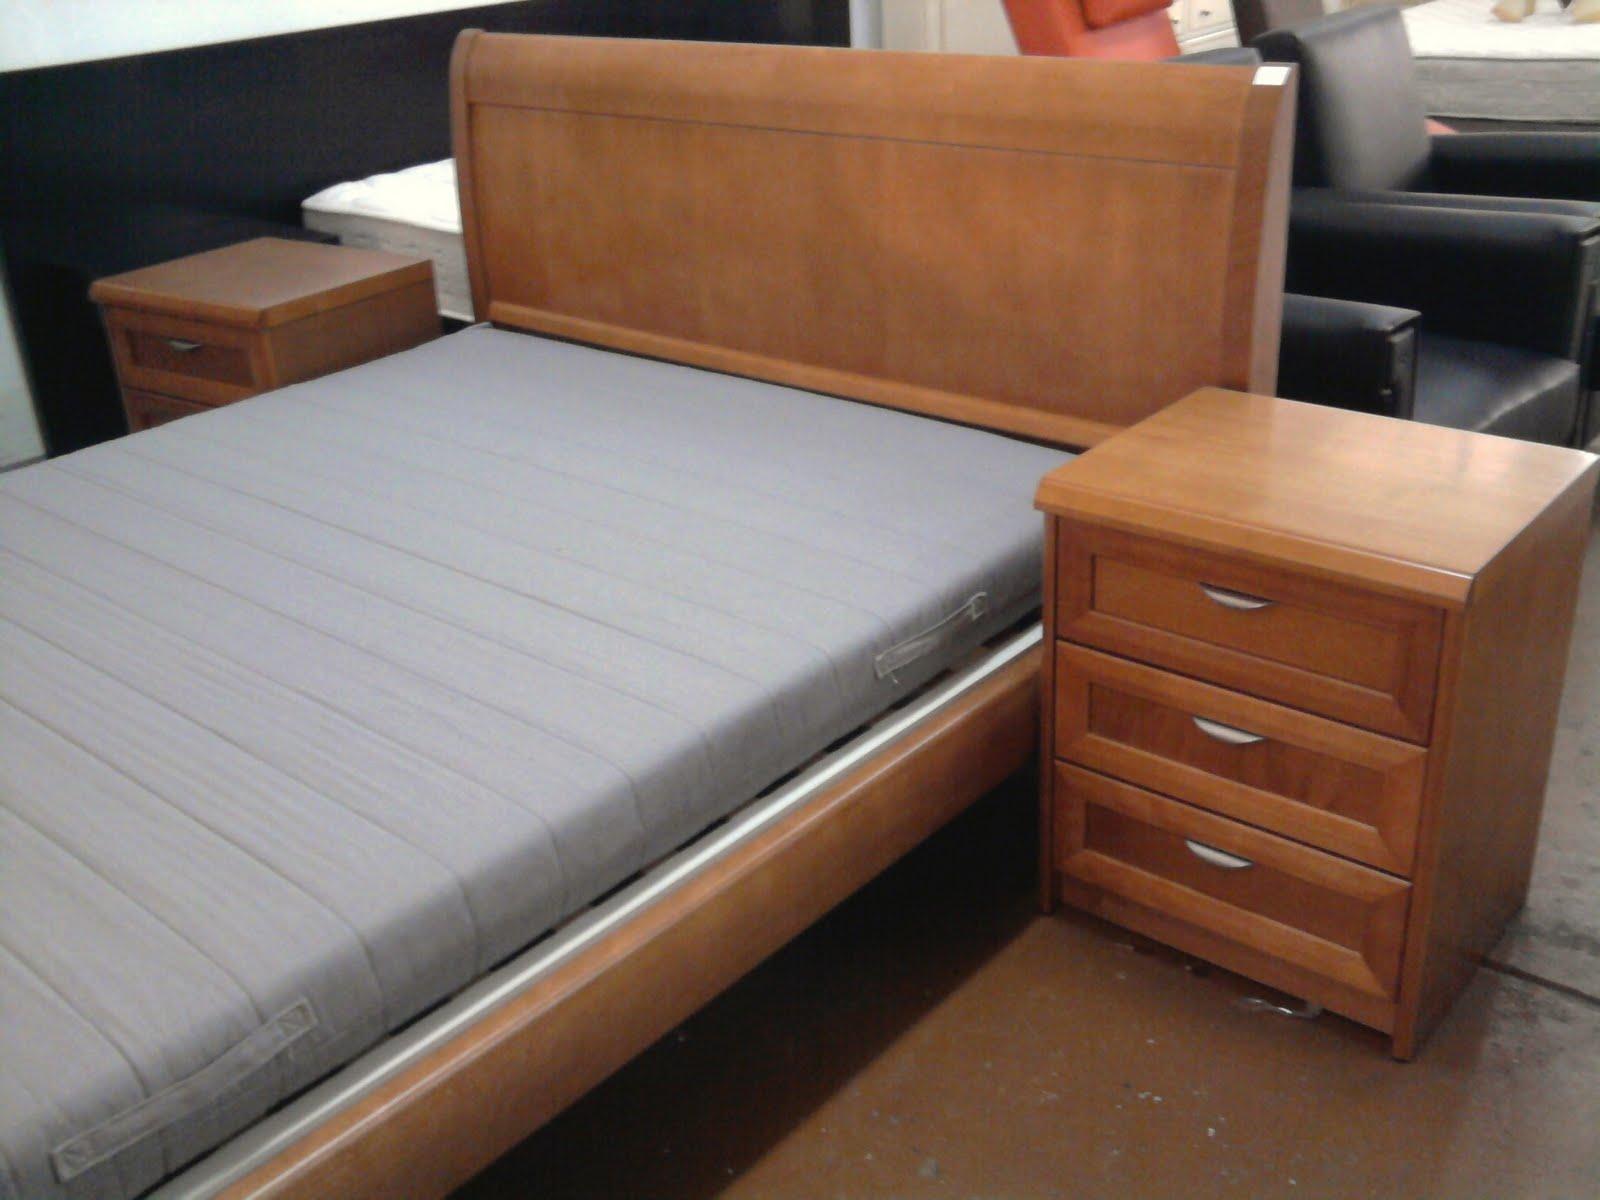 Casa das nossas coisas mob lia de quarto for Mobilia 1